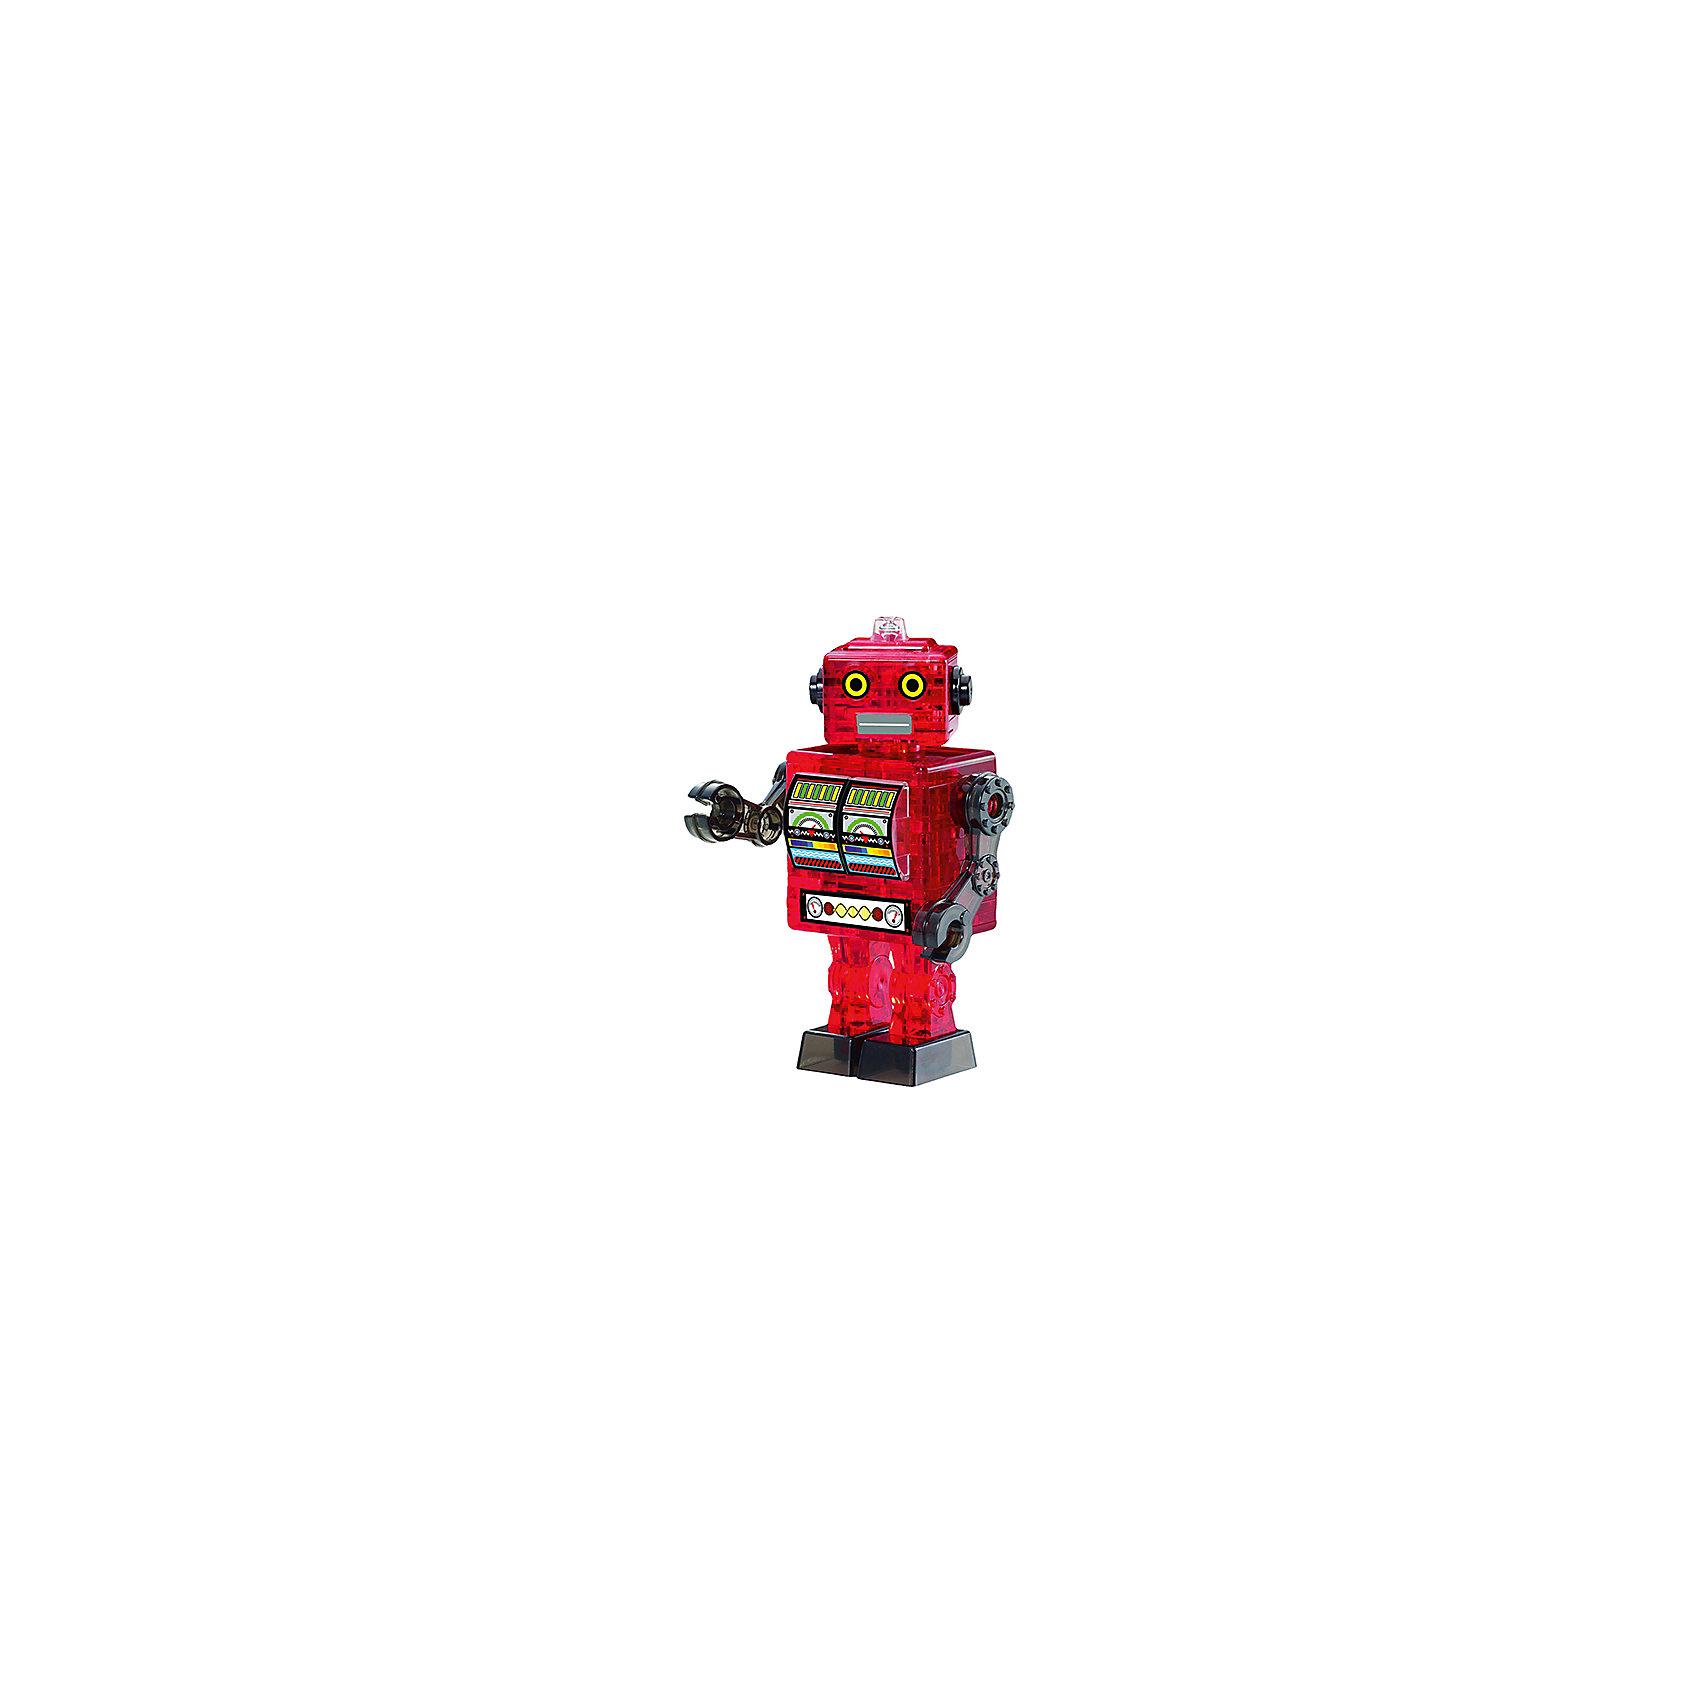 Кристаллический пазл 3D Красный робот, Crystal Puzzle3D пазлы<br>Кристаллический пазл 3D Красный робот, Crystal Puzzle (Кристал Пазл)<br><br>Характеристики:<br><br>• яркий объемный пазл<br>• размер готовой фигурки: 9,5 см<br>• количество деталей: 39<br>• высокая сложность<br>• размер упаковки: 5х14х10 см<br>• вес: 180 грамм<br>• материал: пластик<br><br>Собирание 3D пазлов - непростая, но интересная задача. Поэтапная сборка способствует развитию логики и пространственного мышления. В комплект входят 39 деталей, собрав которые вы получите красного робота в стиле ретро. Процесс сборки достаточно сложный и увлекательный. Однако подробная инструкция и нумерация деталей позволят вам разобраться со всеми тонкостями процесса. Яркий красный робот станет прекрасным подарком для близких!<br><br>Кристаллический пазл 3D Красный робот, Crystal Puzzle (Кристал Пазл) вы может купить в нашем интернет-магазине.<br><br>Ширина мм: 100<br>Глубина мм: 140<br>Высота мм: 50<br>Вес г: 180<br>Возраст от месяцев: 120<br>Возраст до месяцев: 2147483647<br>Пол: Мужской<br>Возраст: Детский<br>SKU: 5397234